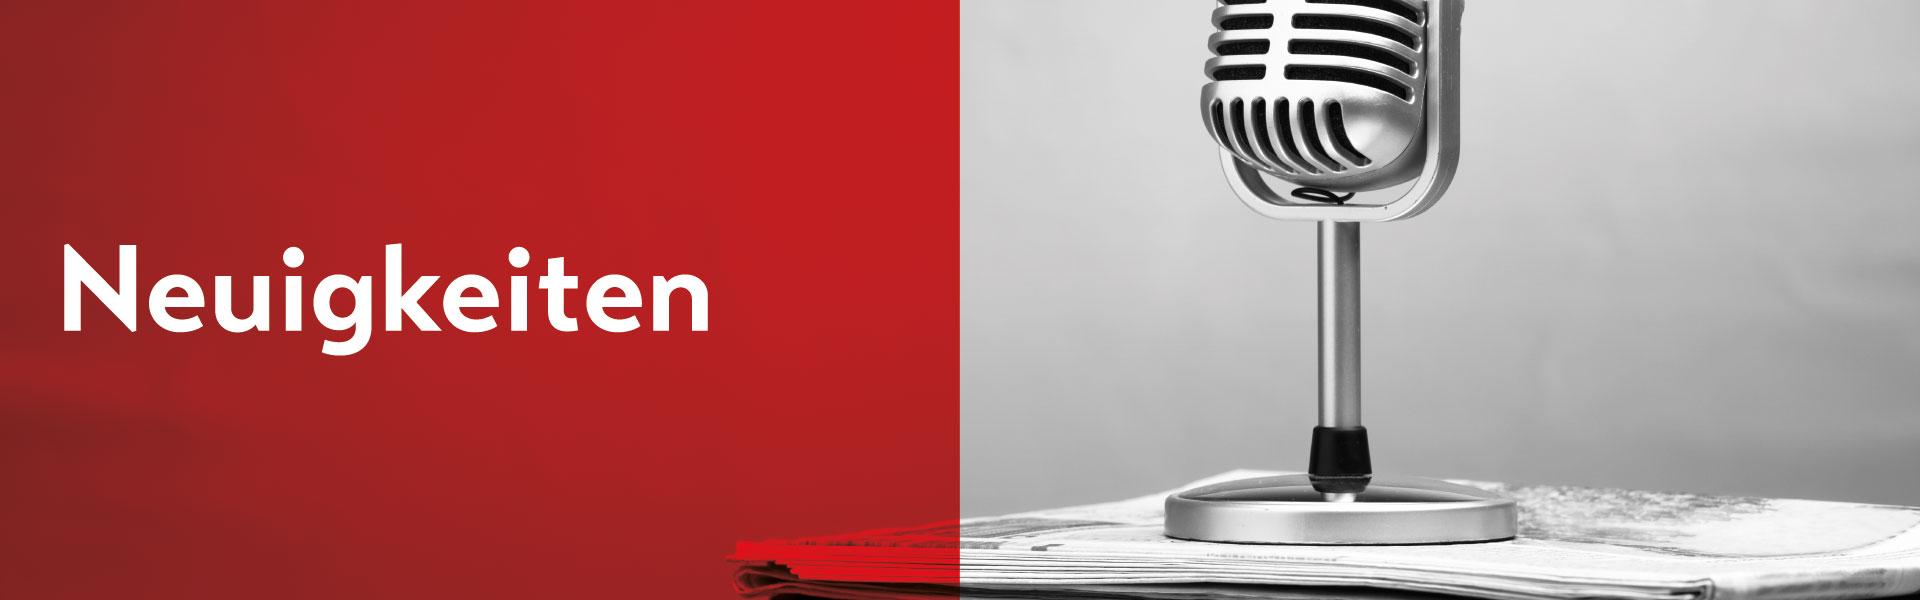 """Ein altes Mikrophone ist auf einem Stapel Zeitung auf der rechten Seite des Bildes gestellt. Der Hintergrund ist ausgegraut. Die linken Hälfte des Bildes ist in rot eingefärbt mit dem mittigen Titel """"Neuigkeiten""""."""